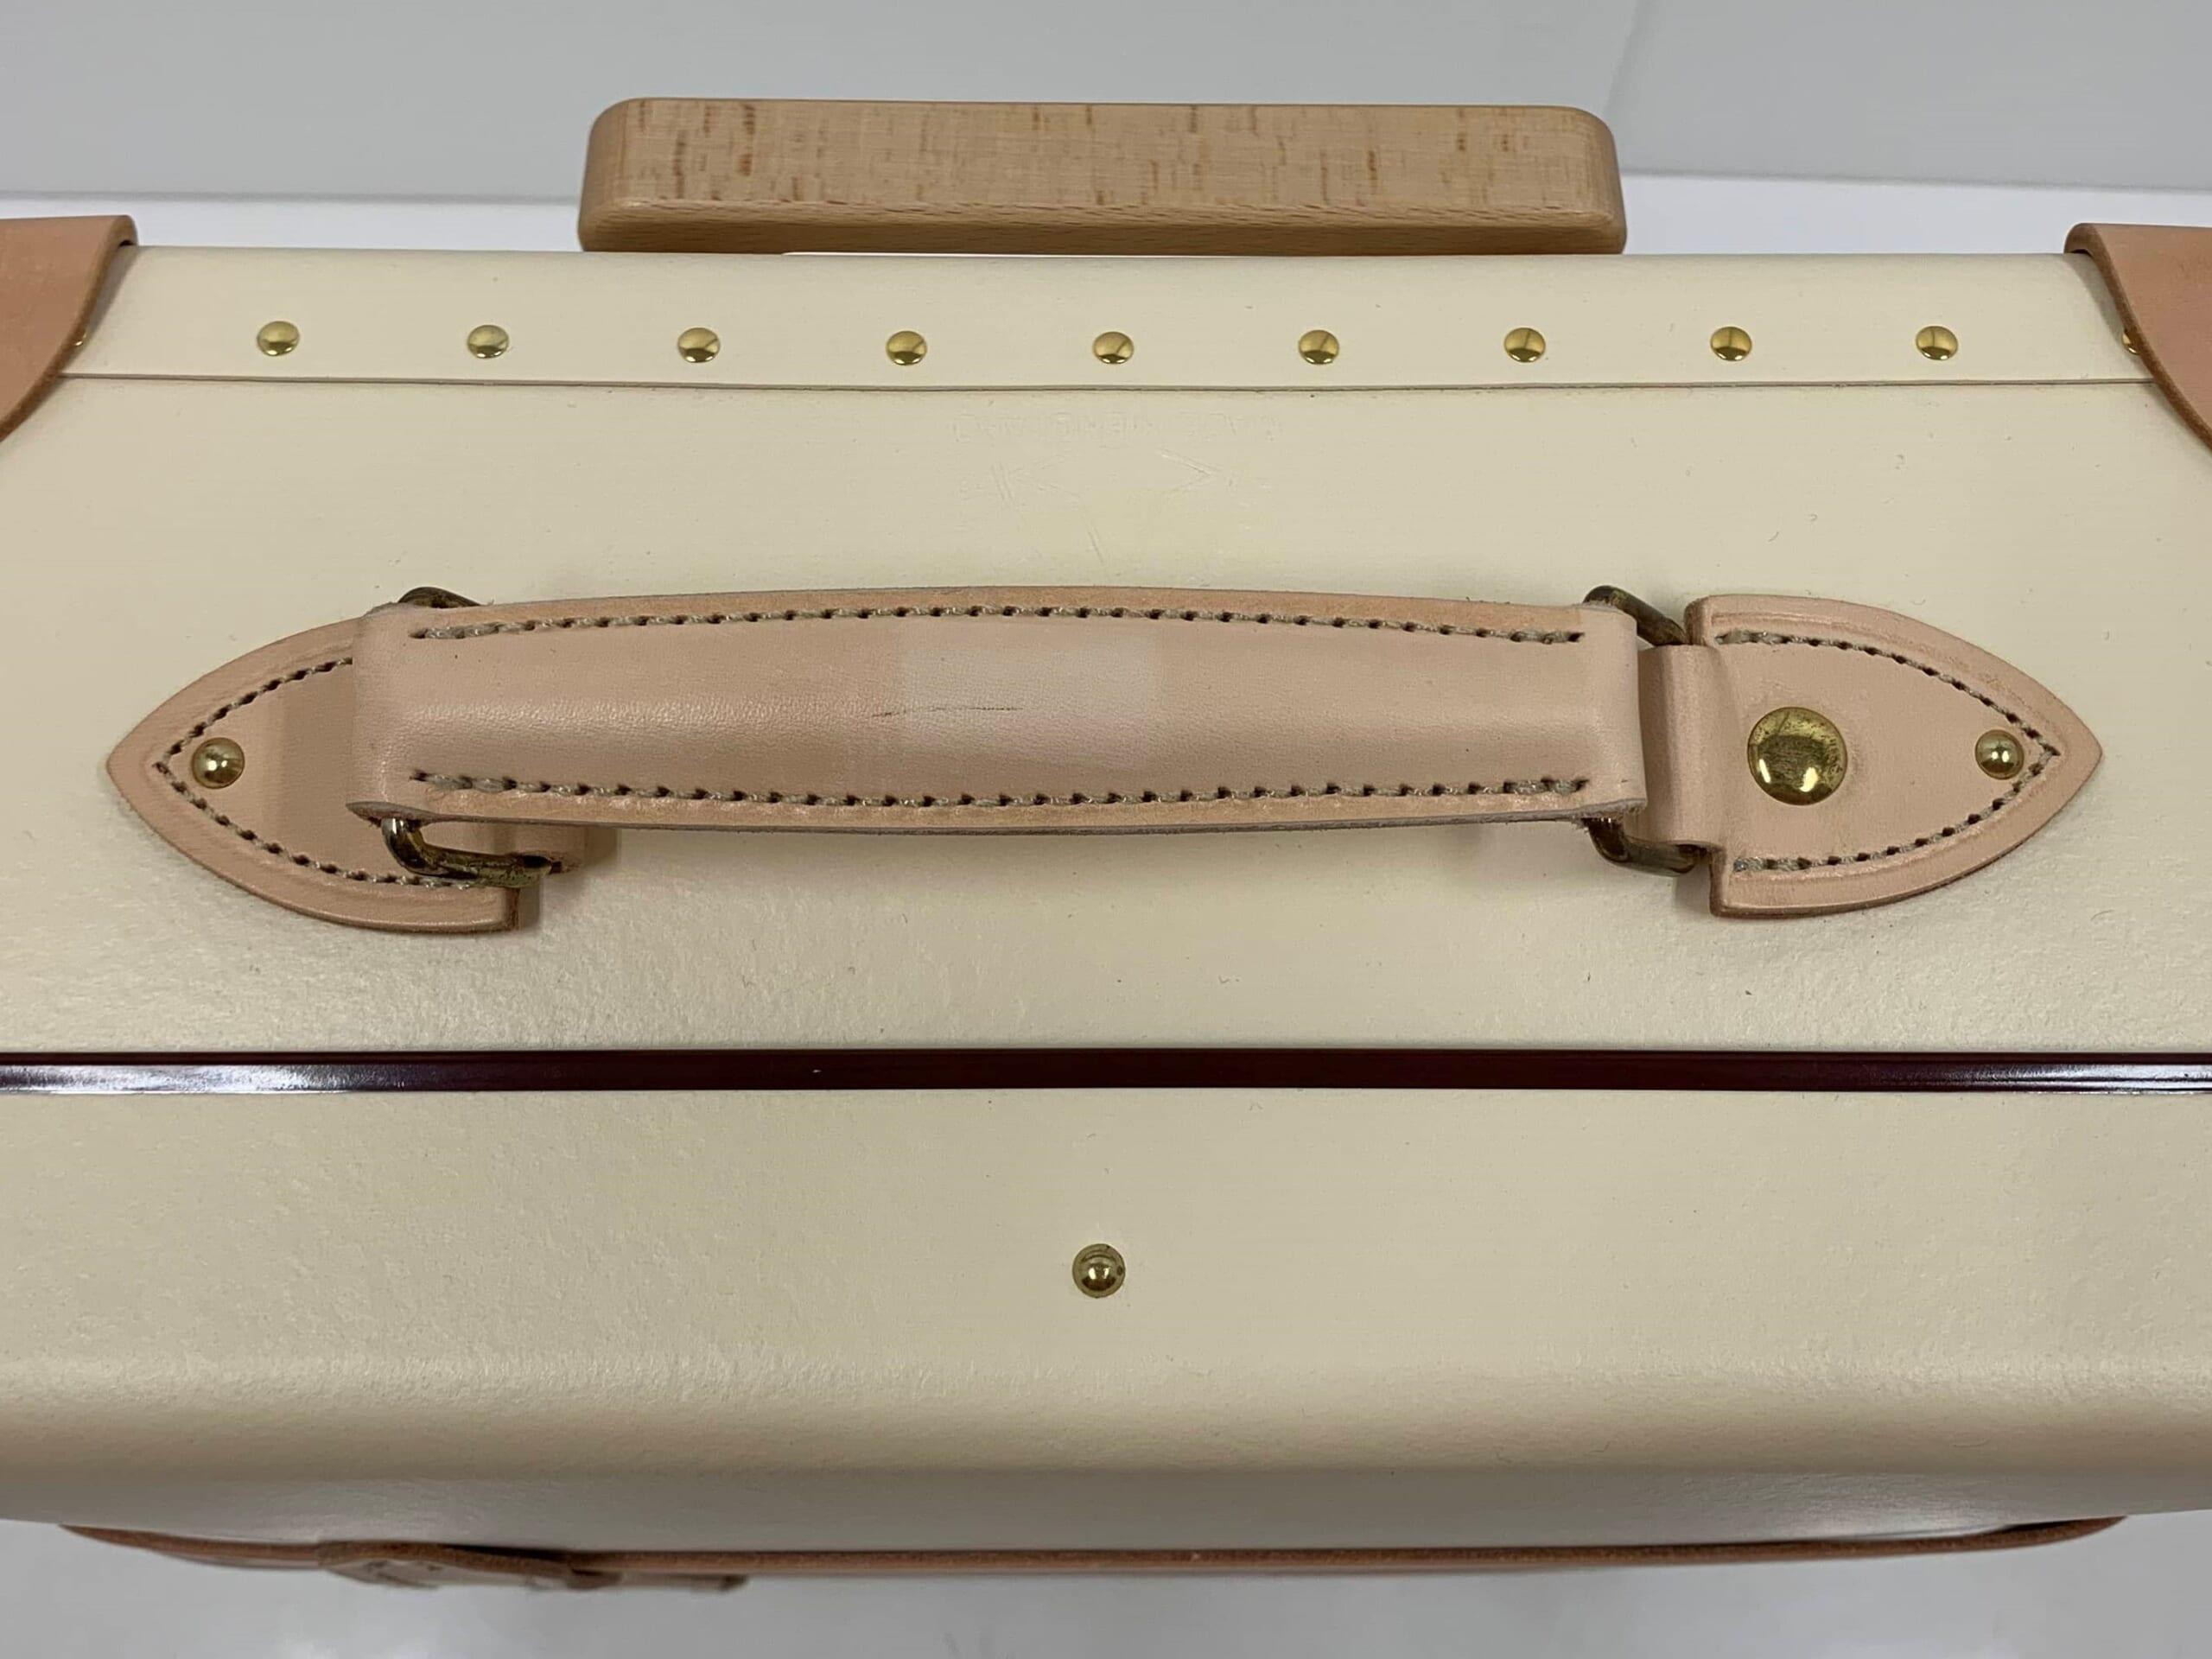 レザー調の淡いブラウンのスーツケースのハンドル